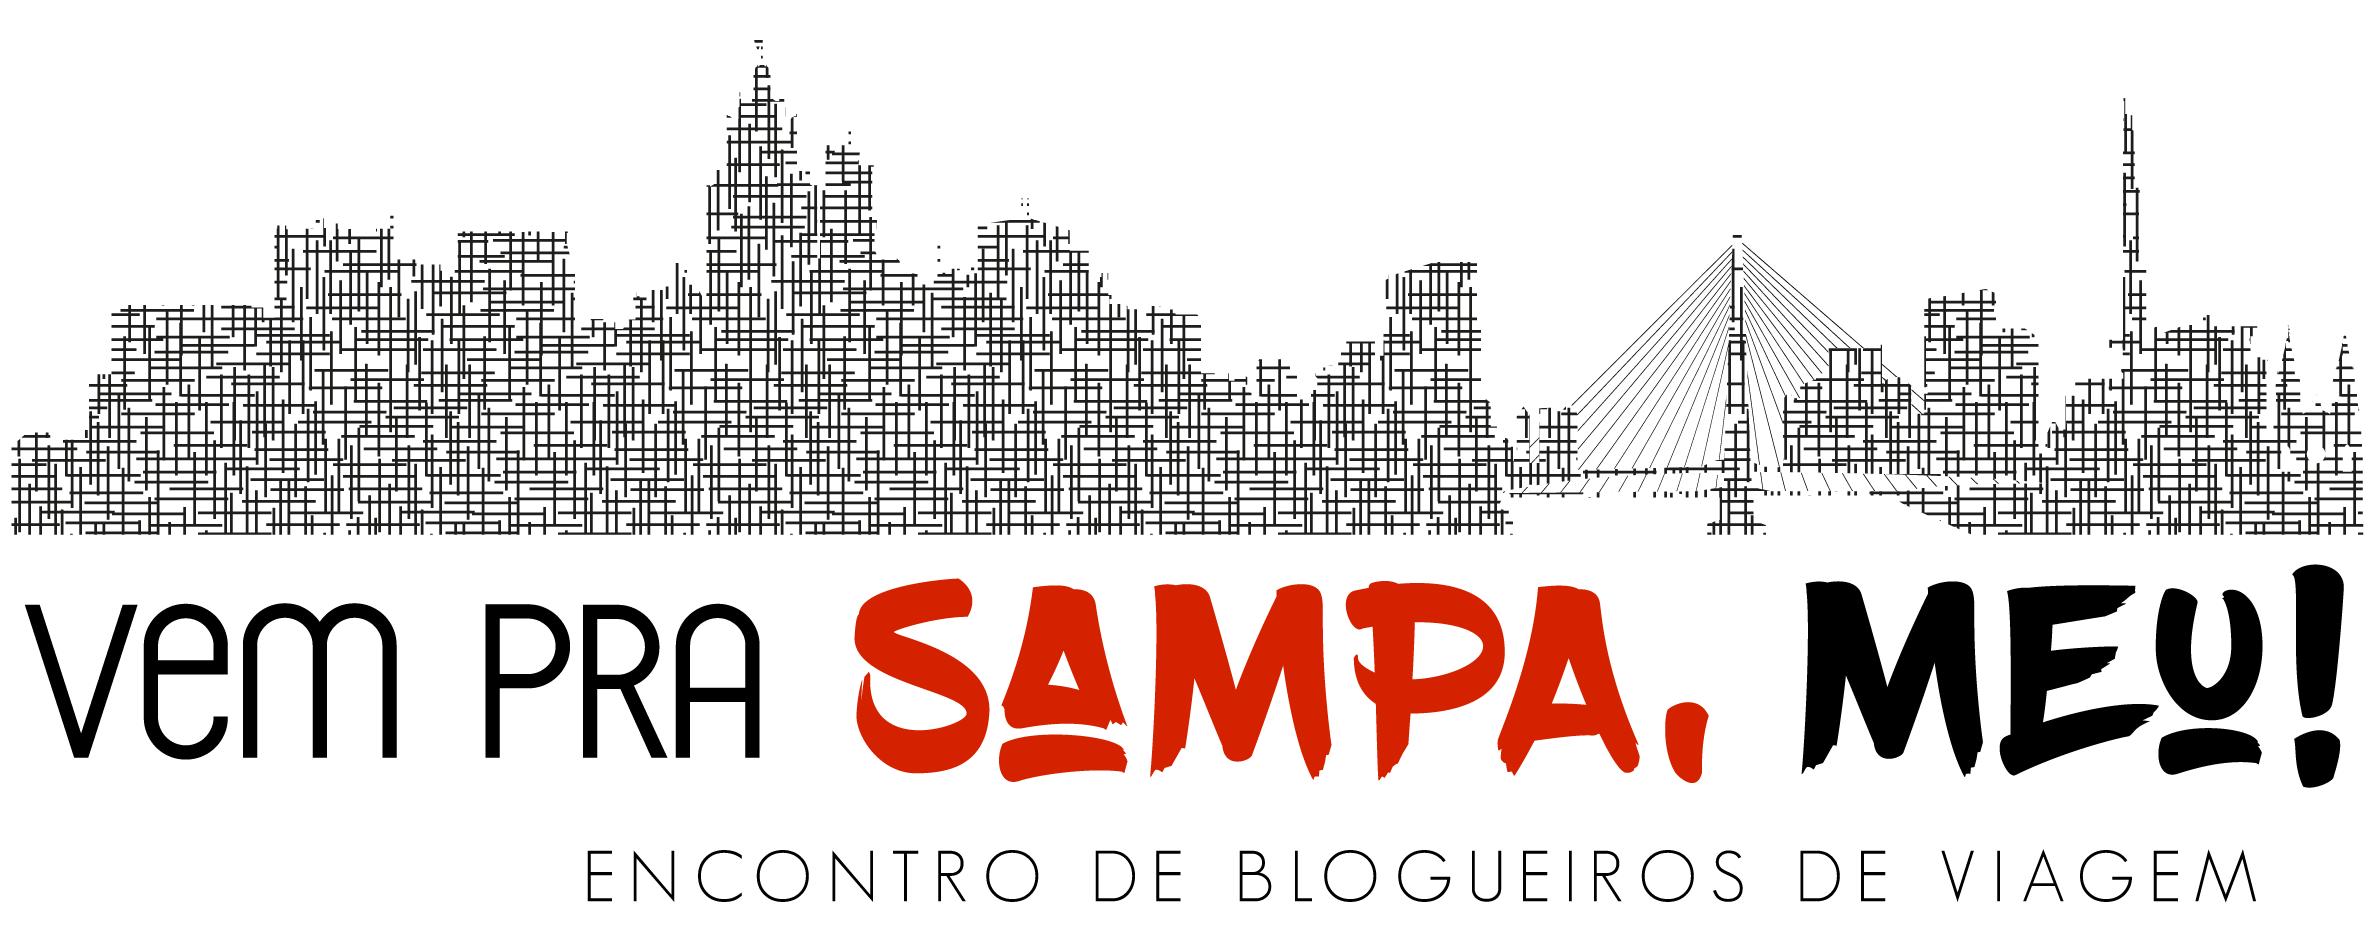 Vem Pra Sampa, Meu!